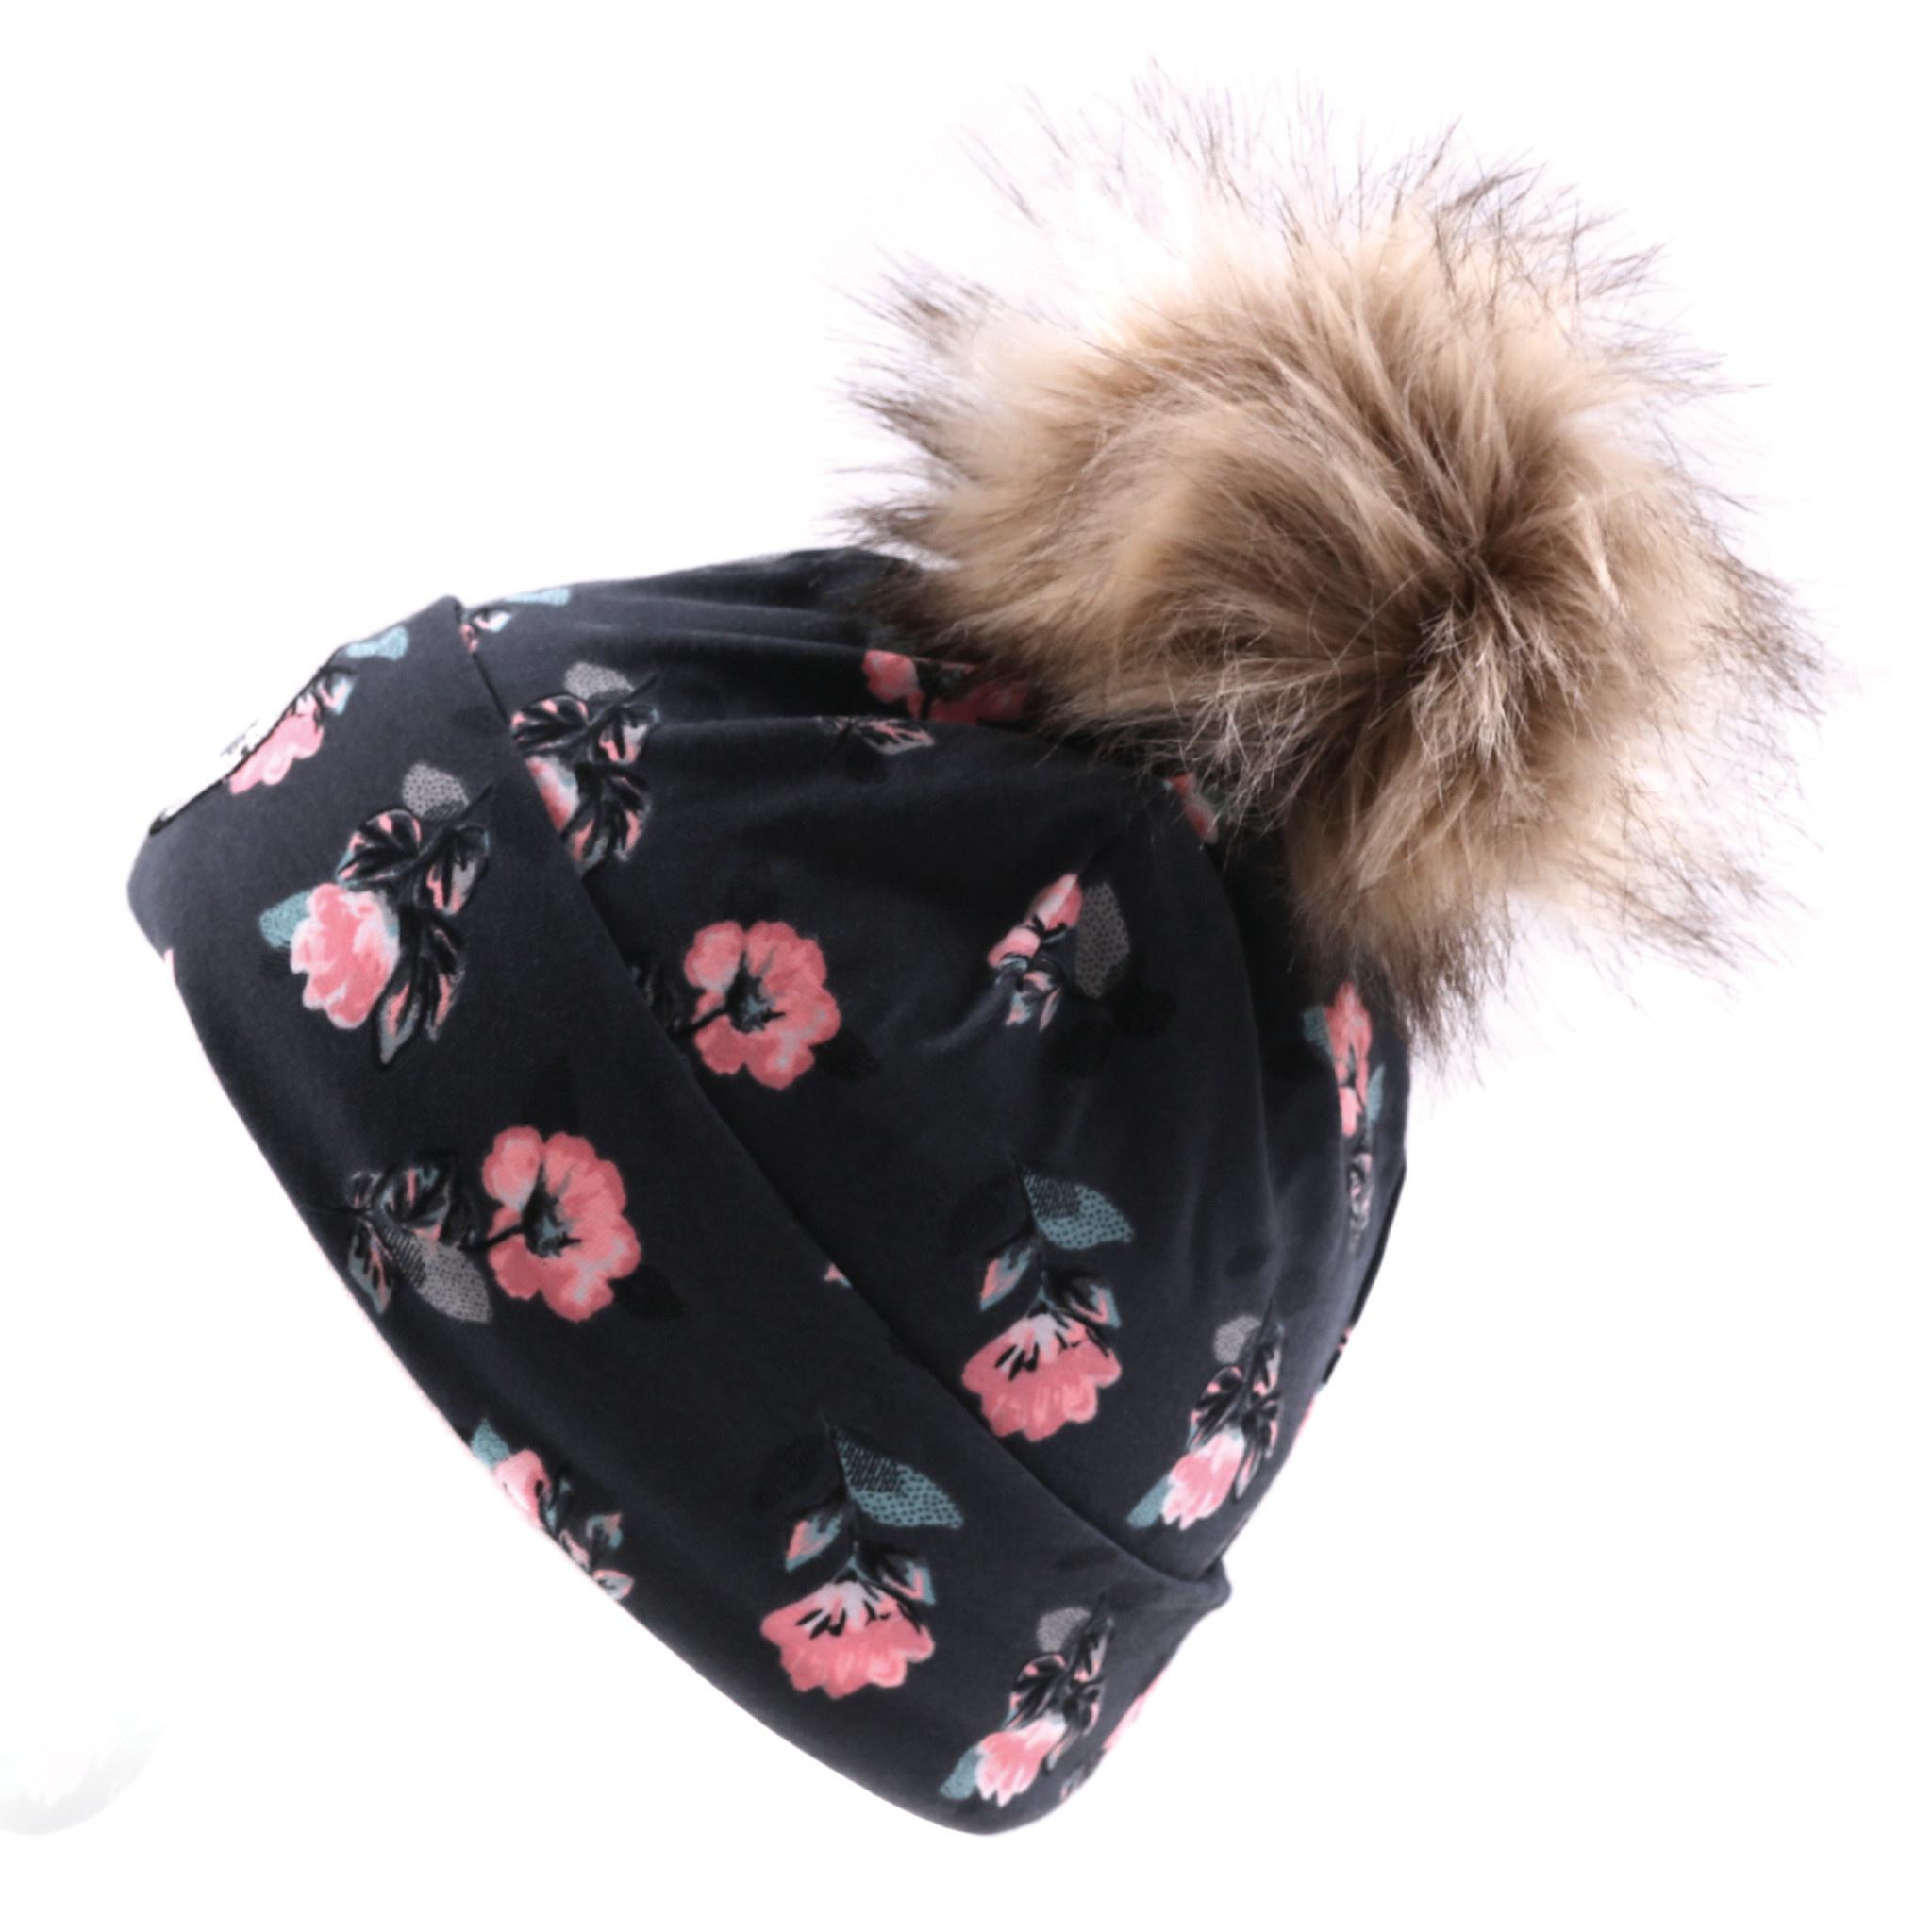 Tuque en jersey Charcoal Fleurs-1